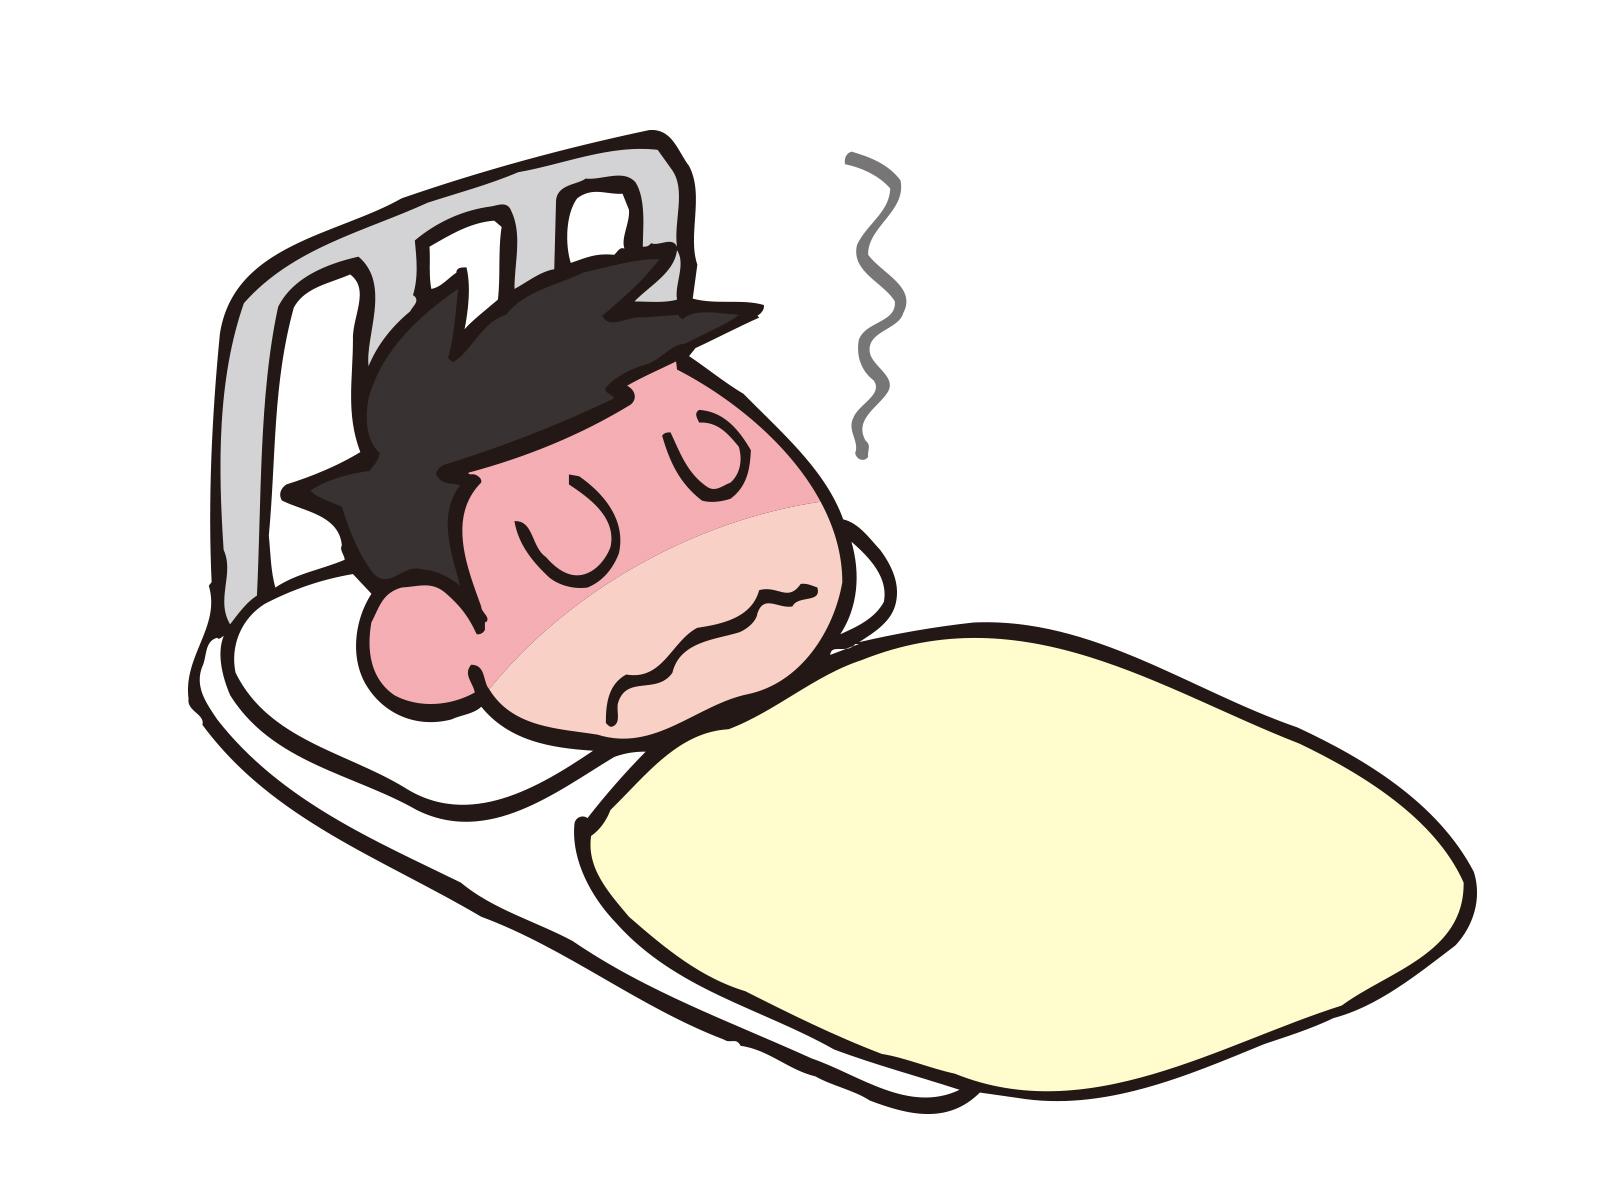 病気の可能性 : 急な腹痛・下痢...